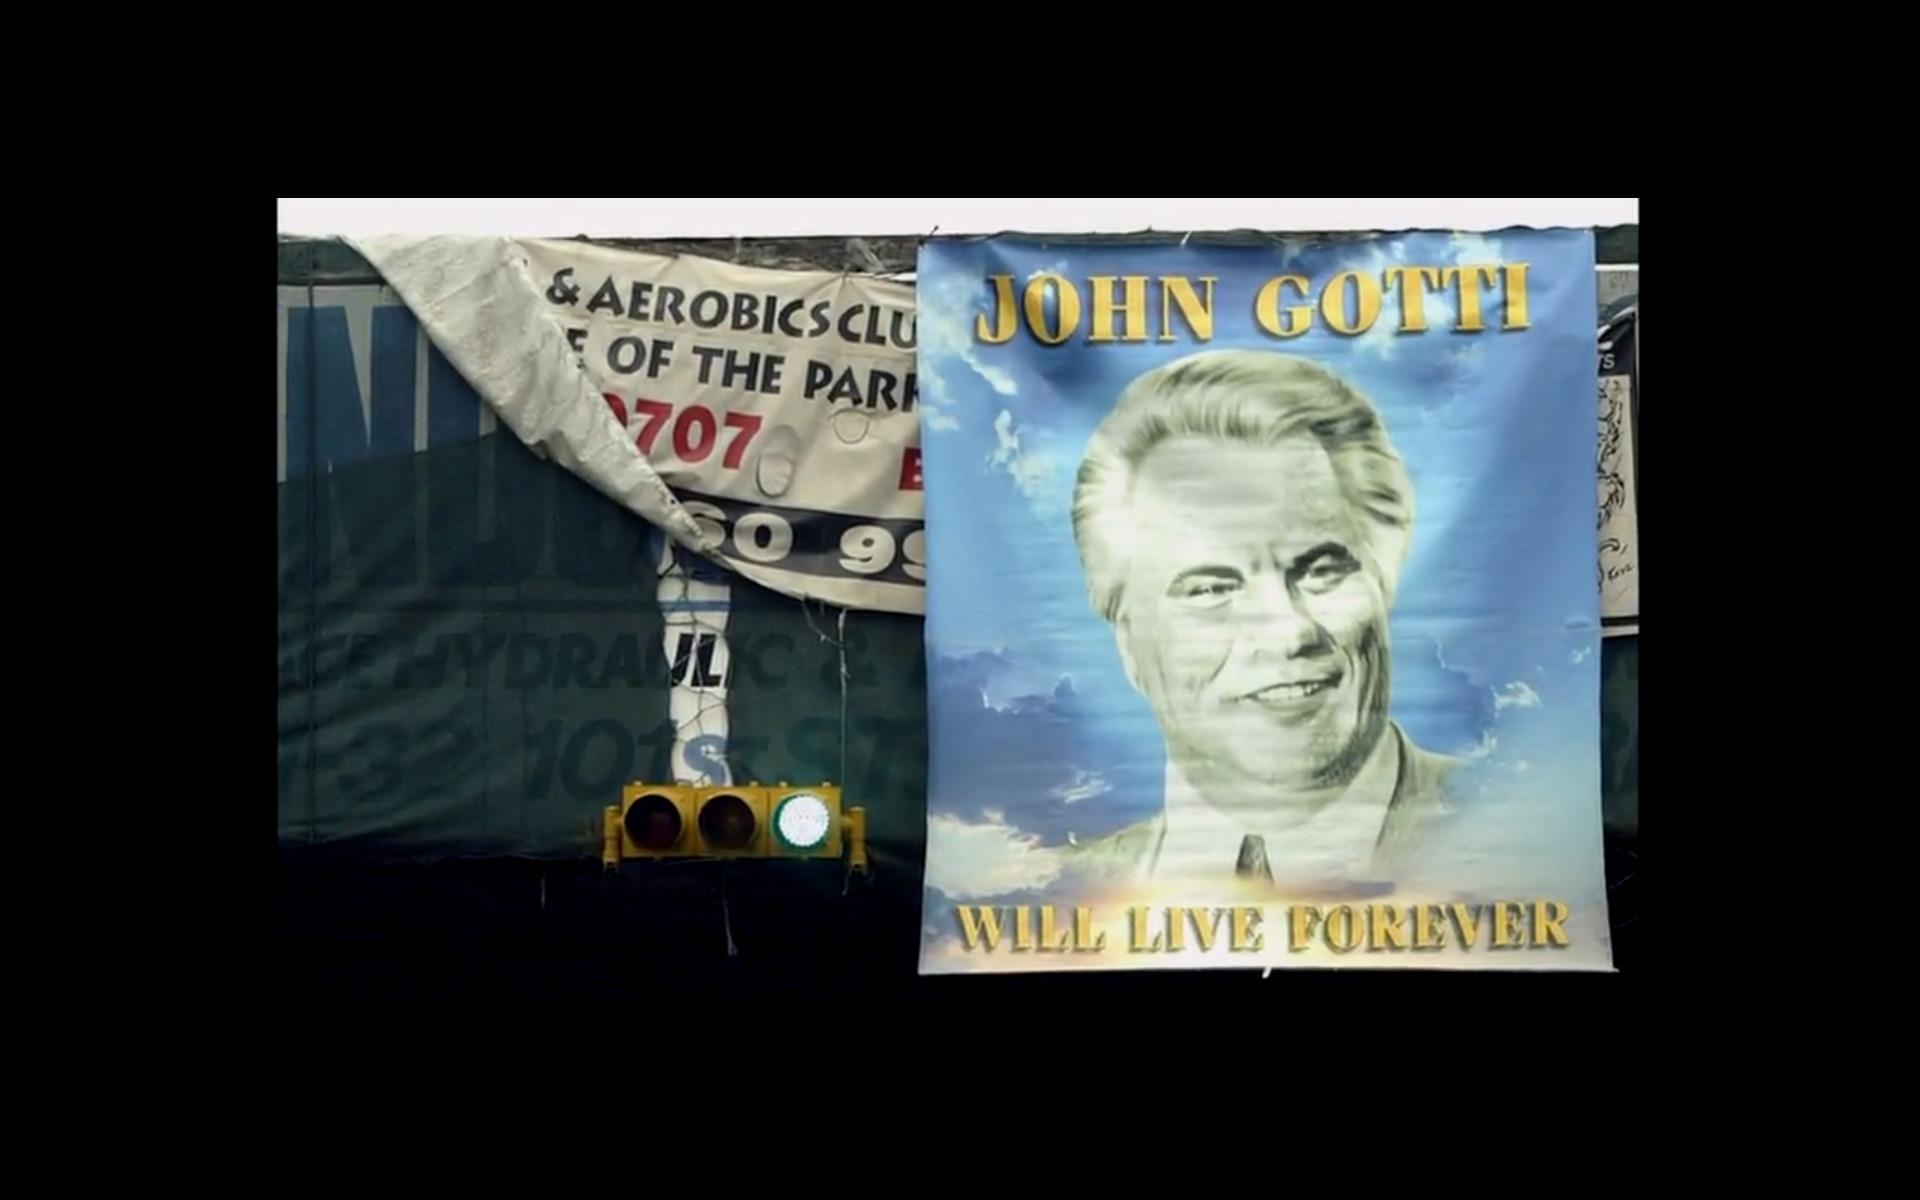 John Gotti będzie żył wiecznie